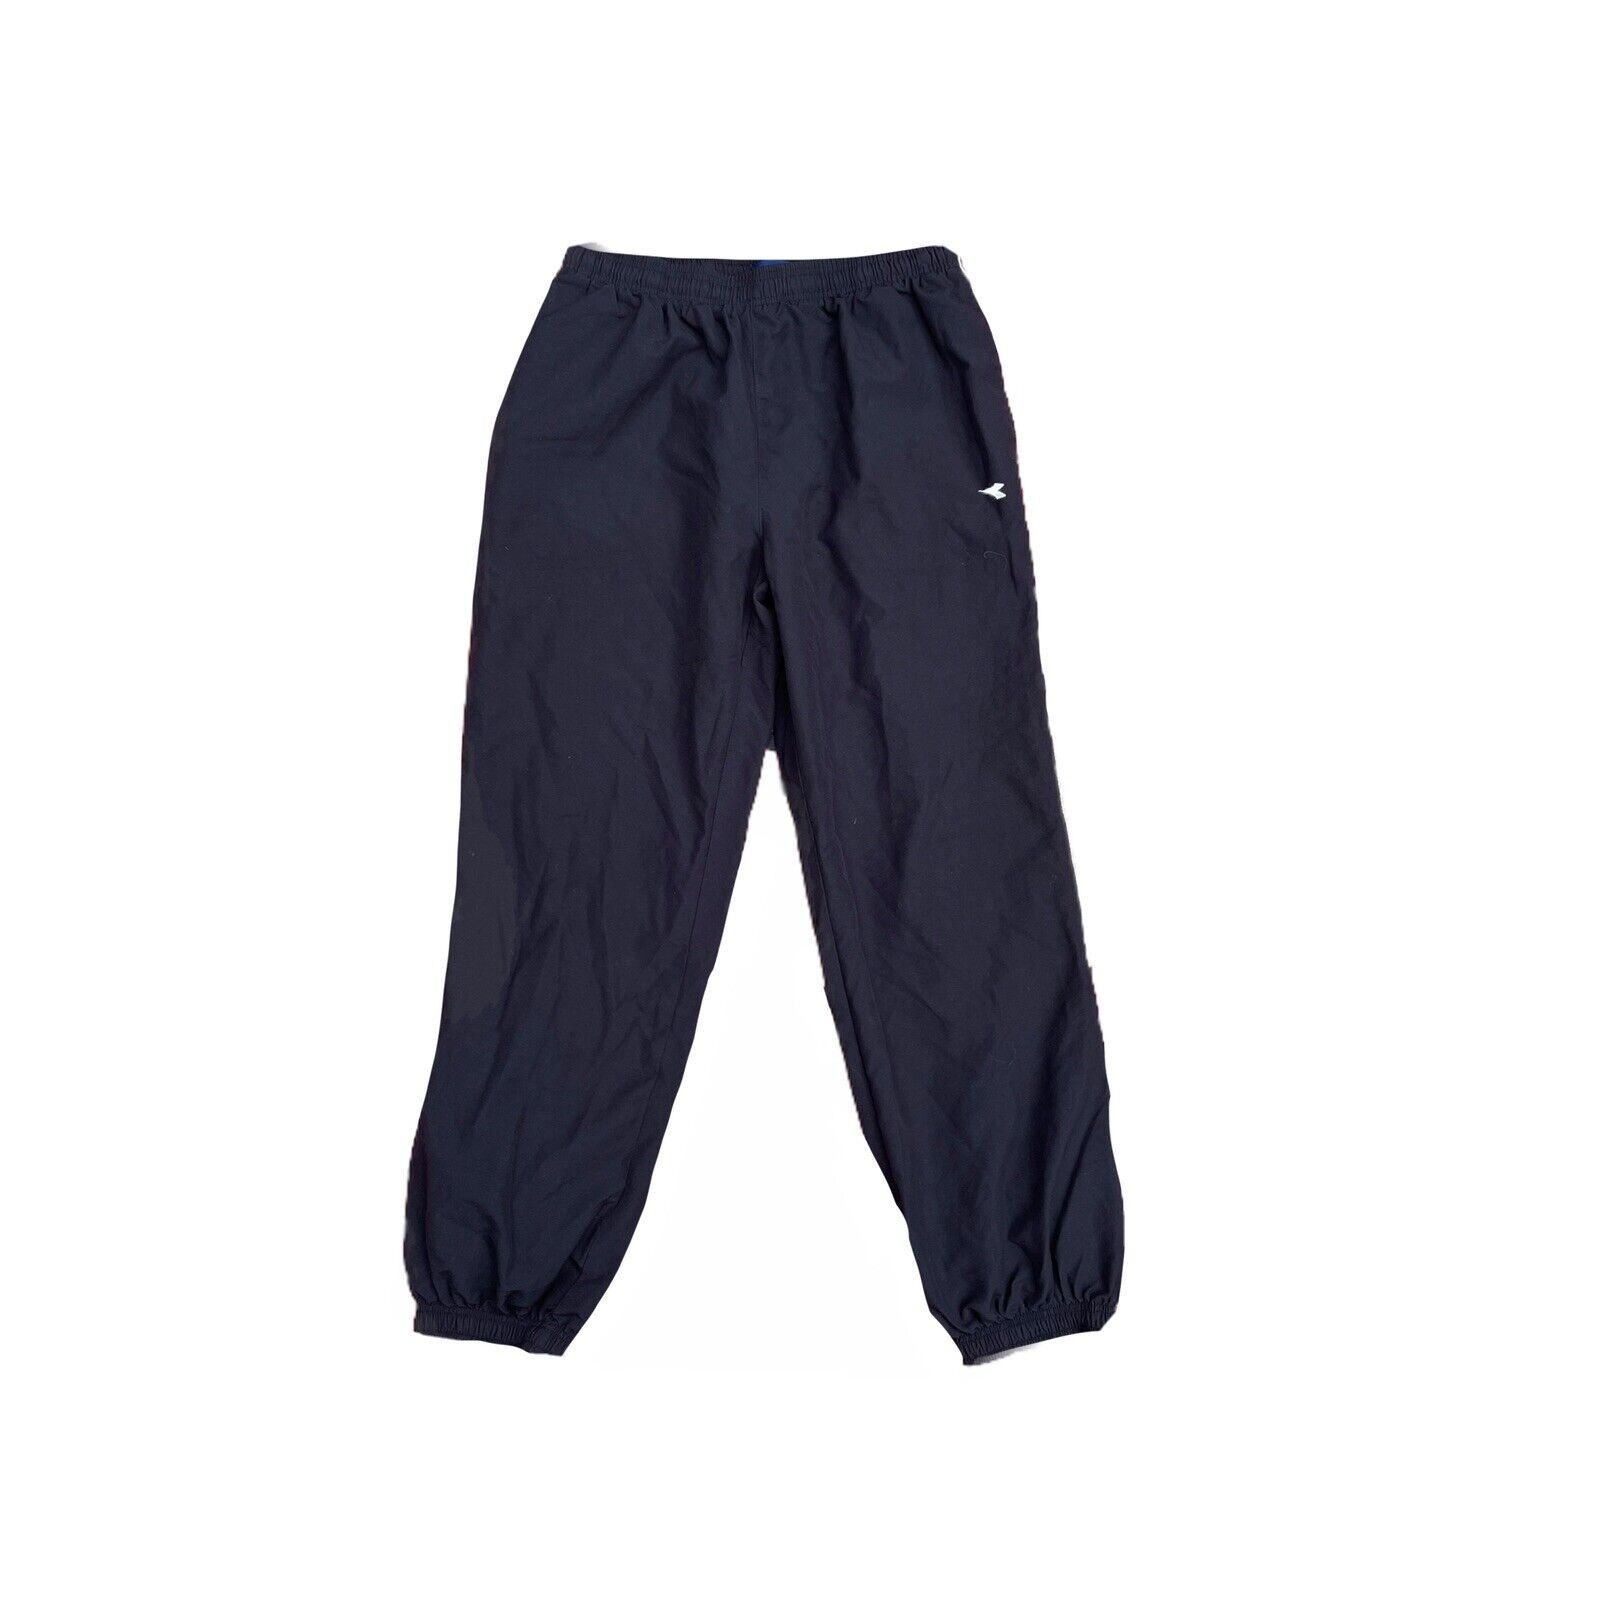 Diadora Black Blue Sweatpants Joggers Size XL